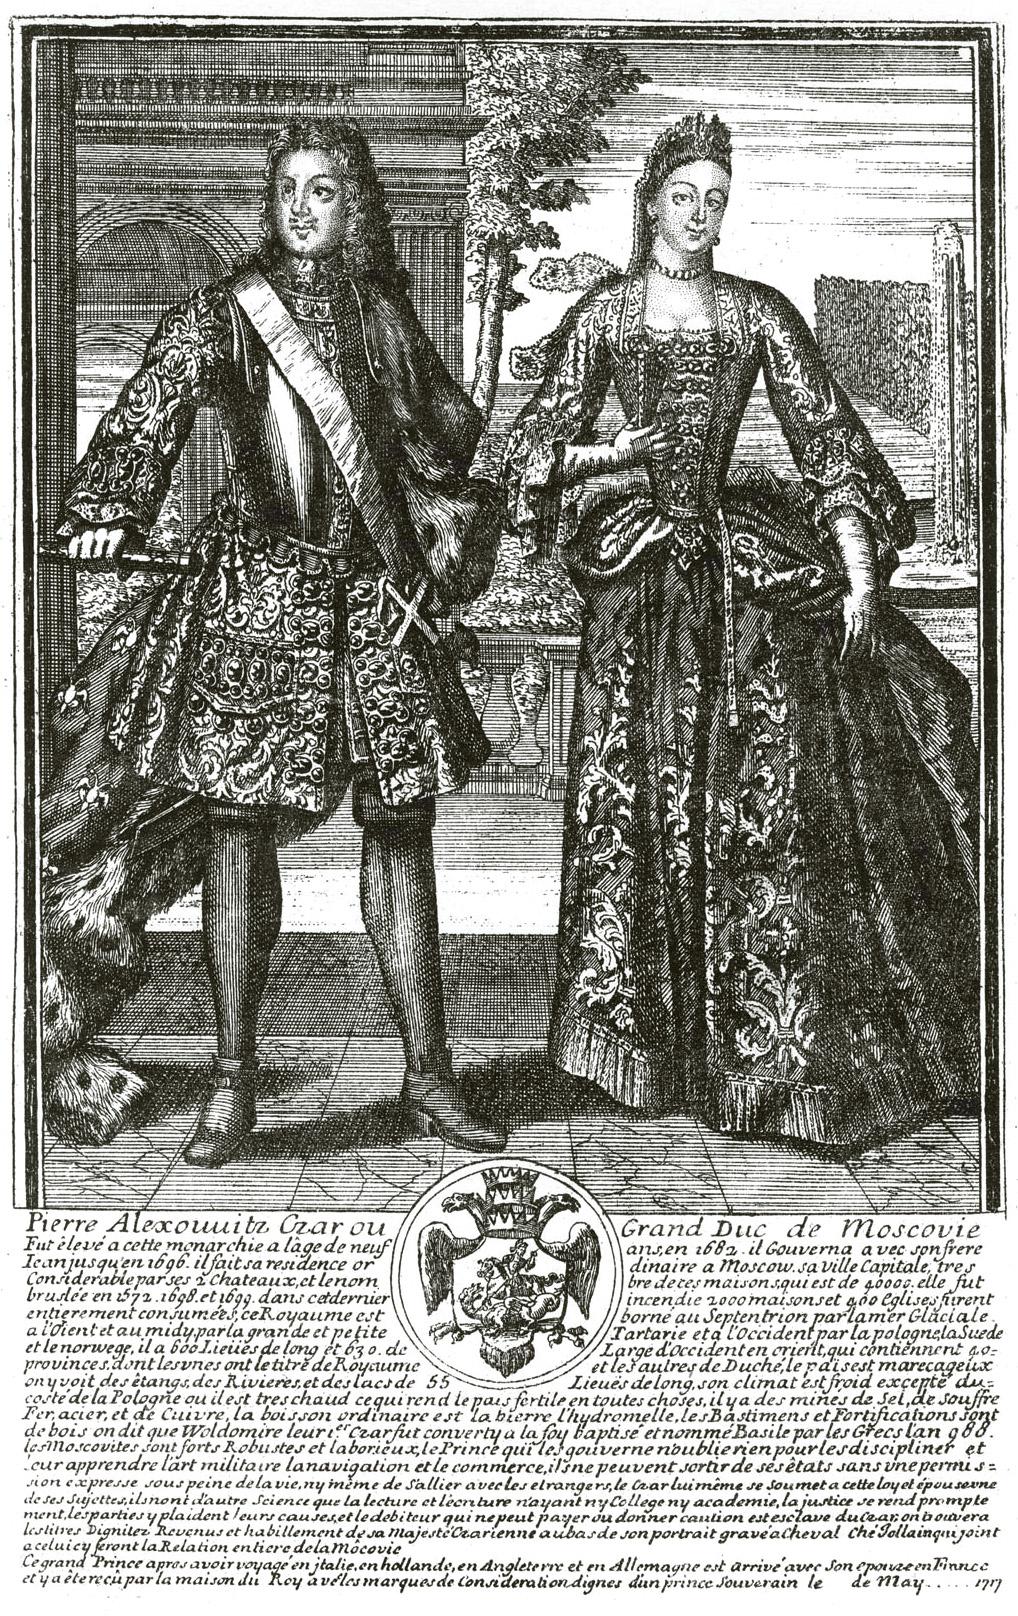 63. Изображения Петра I и Екатерины I в рост, в французских костюмах